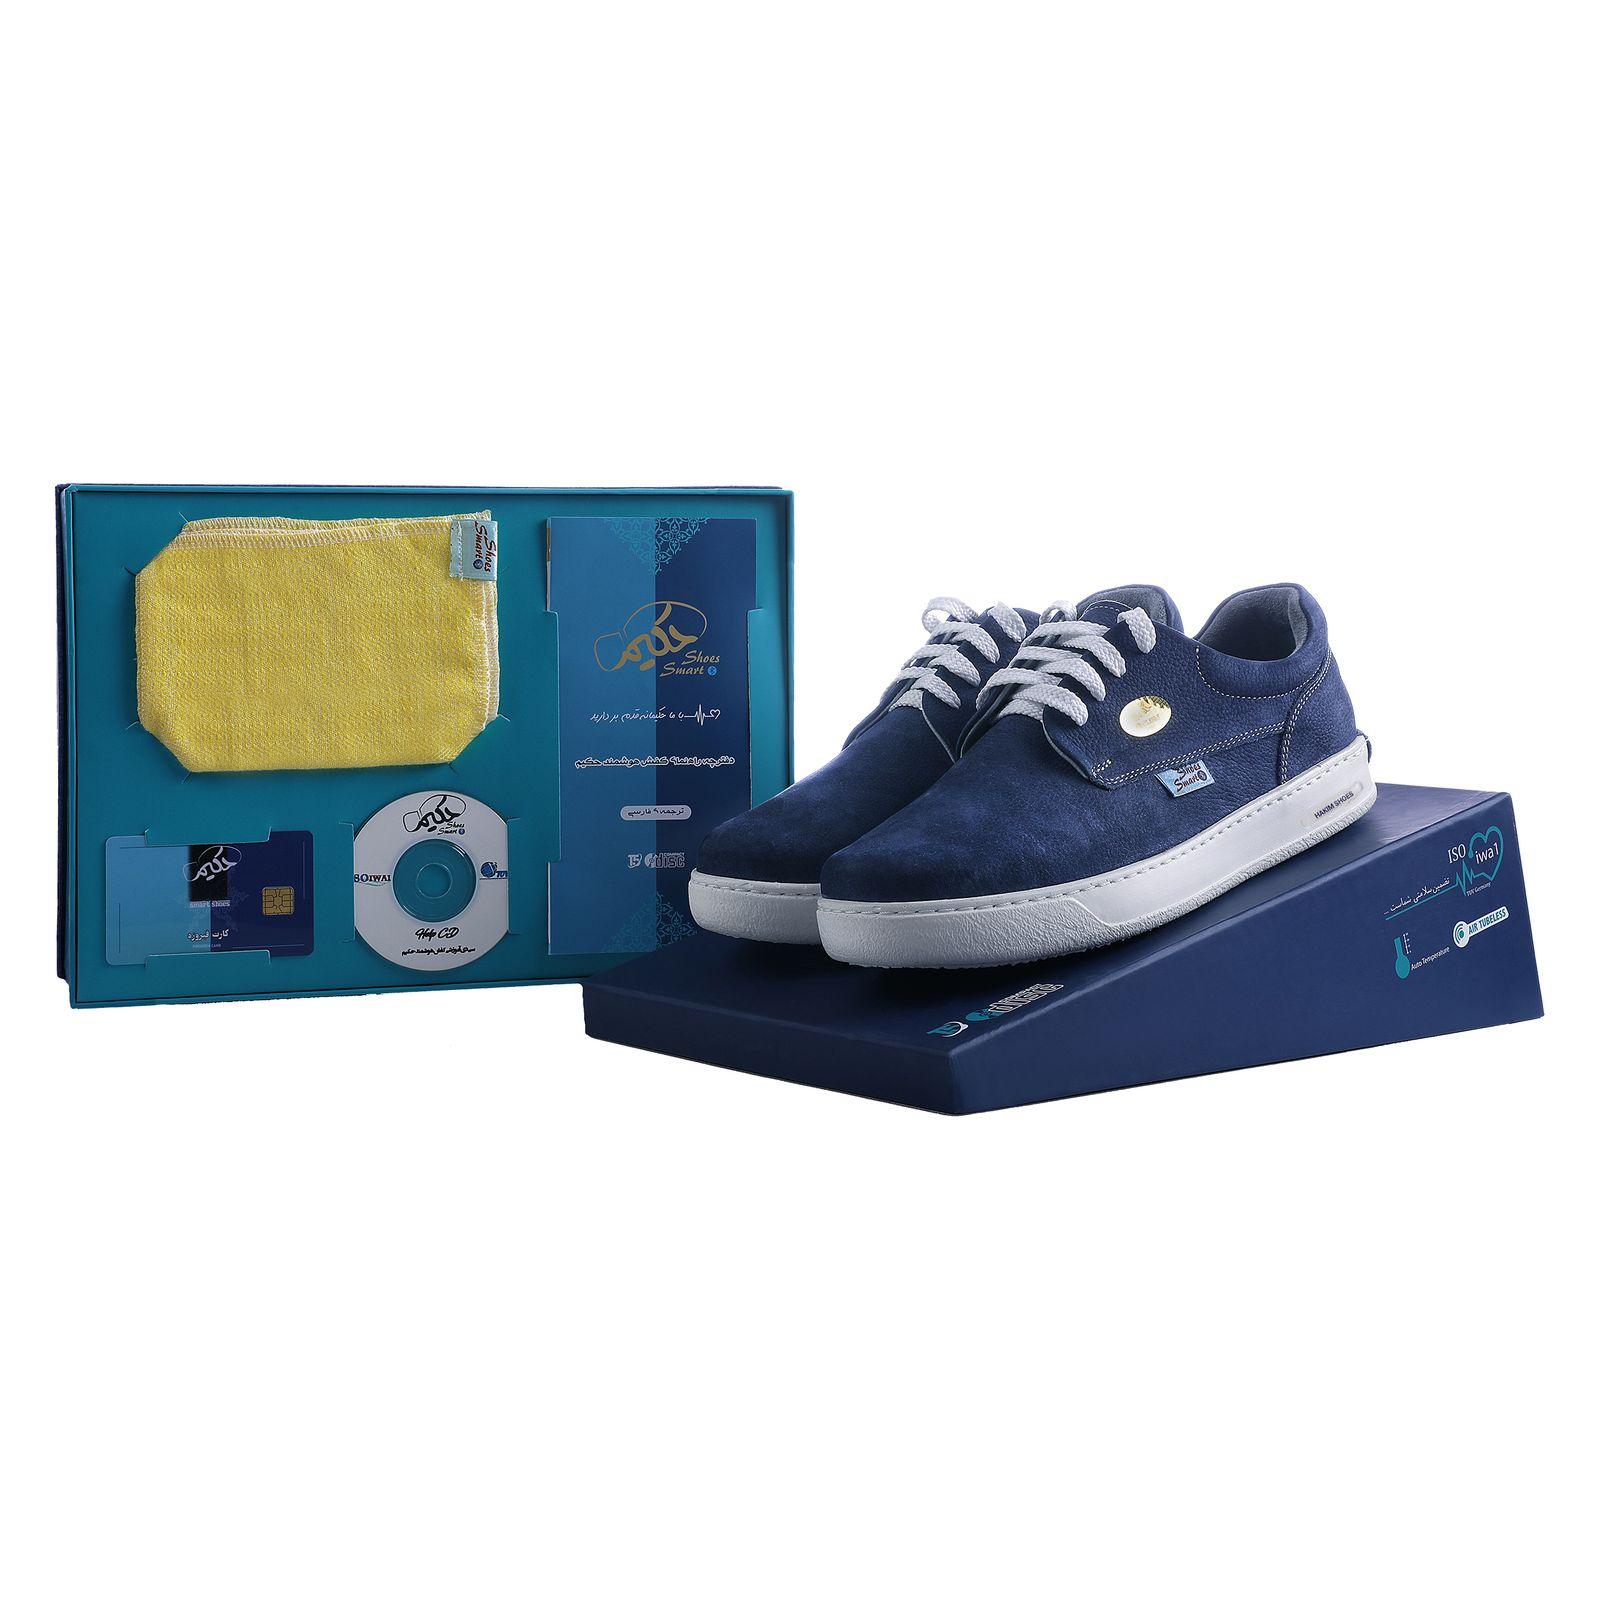 کفش روزمره هوشمند مردانه حکیم مدل T5 رنگ سرمه ای -  - 5